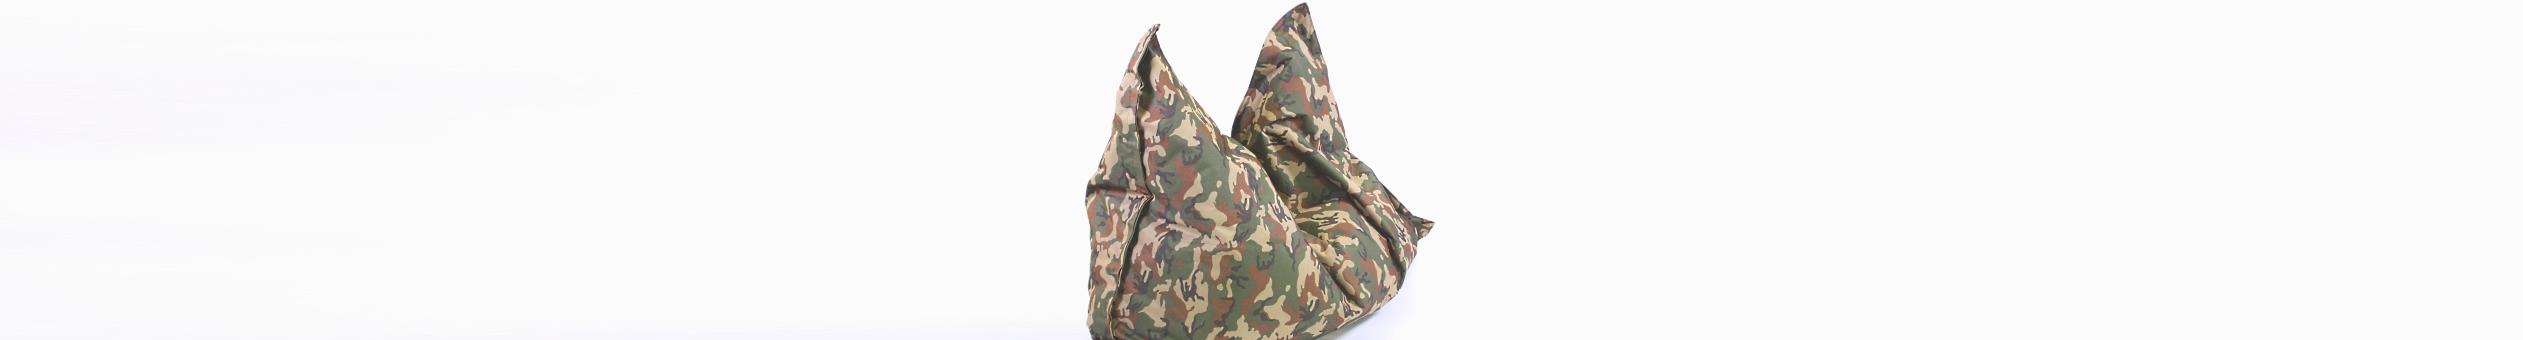 Sitzsack Indoor Camouflage - Indoor Sitzsack mit Print kaufen